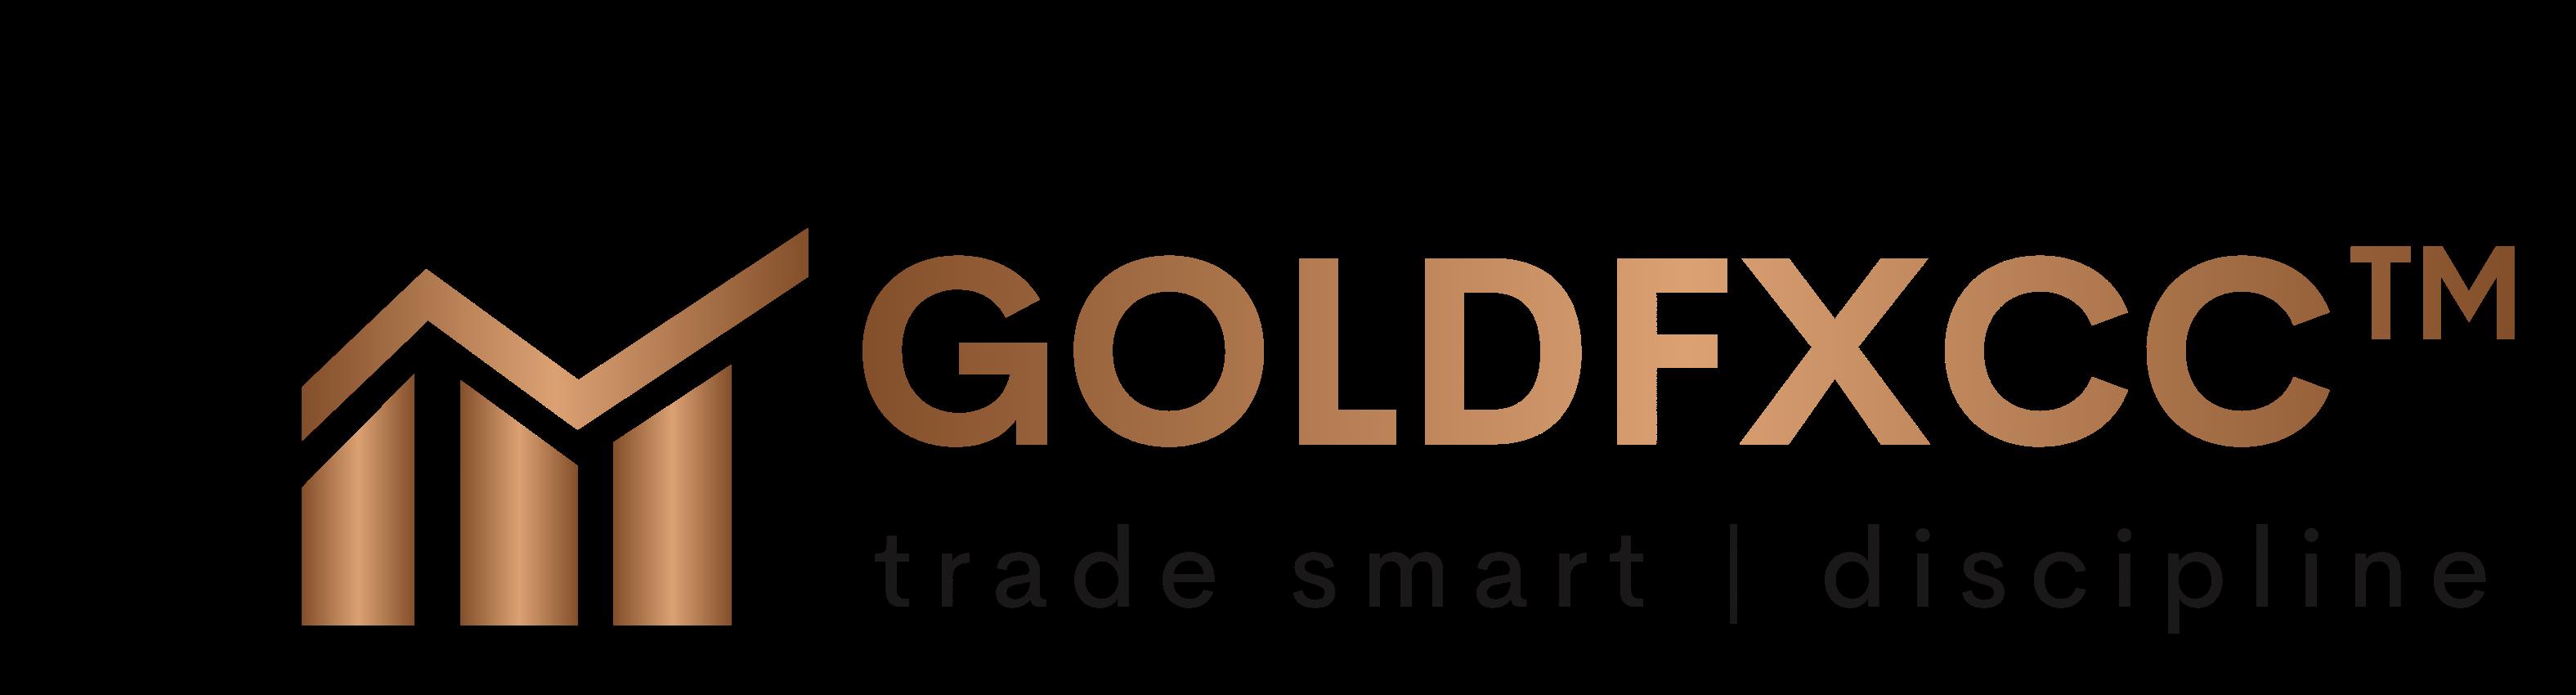 GOLDFXCC